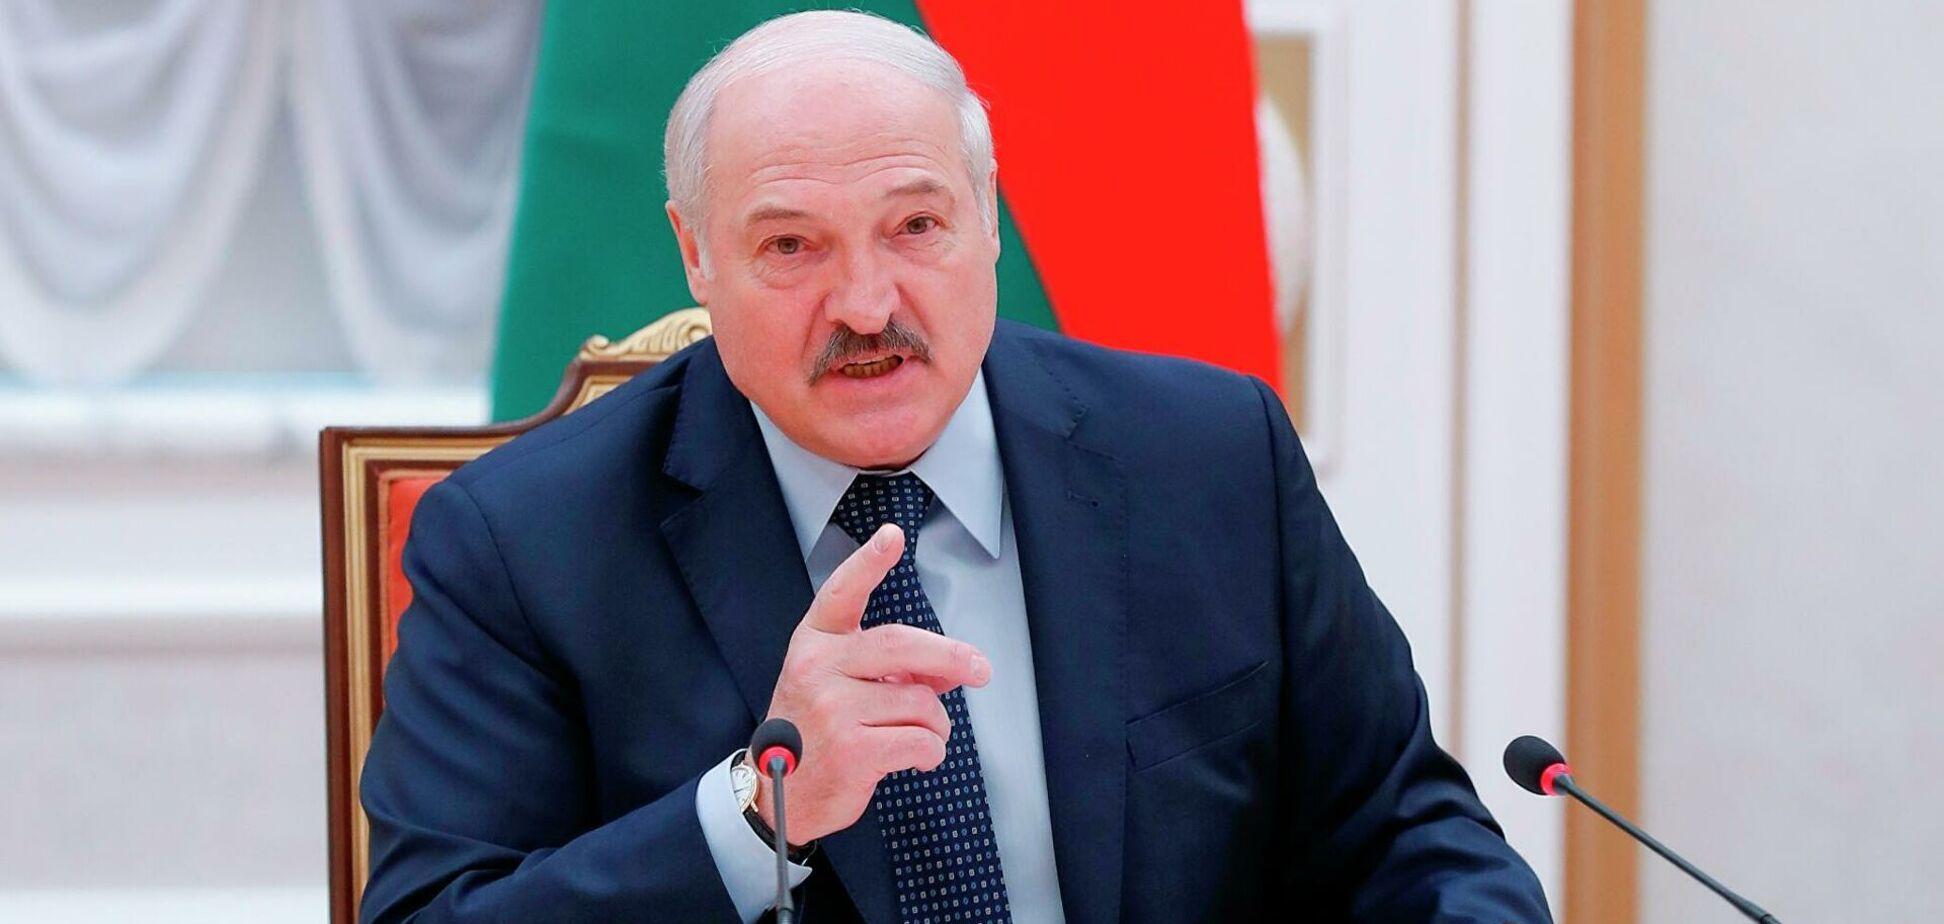 Лукашенко заявил, что не садил самолет Ryanair в Минске